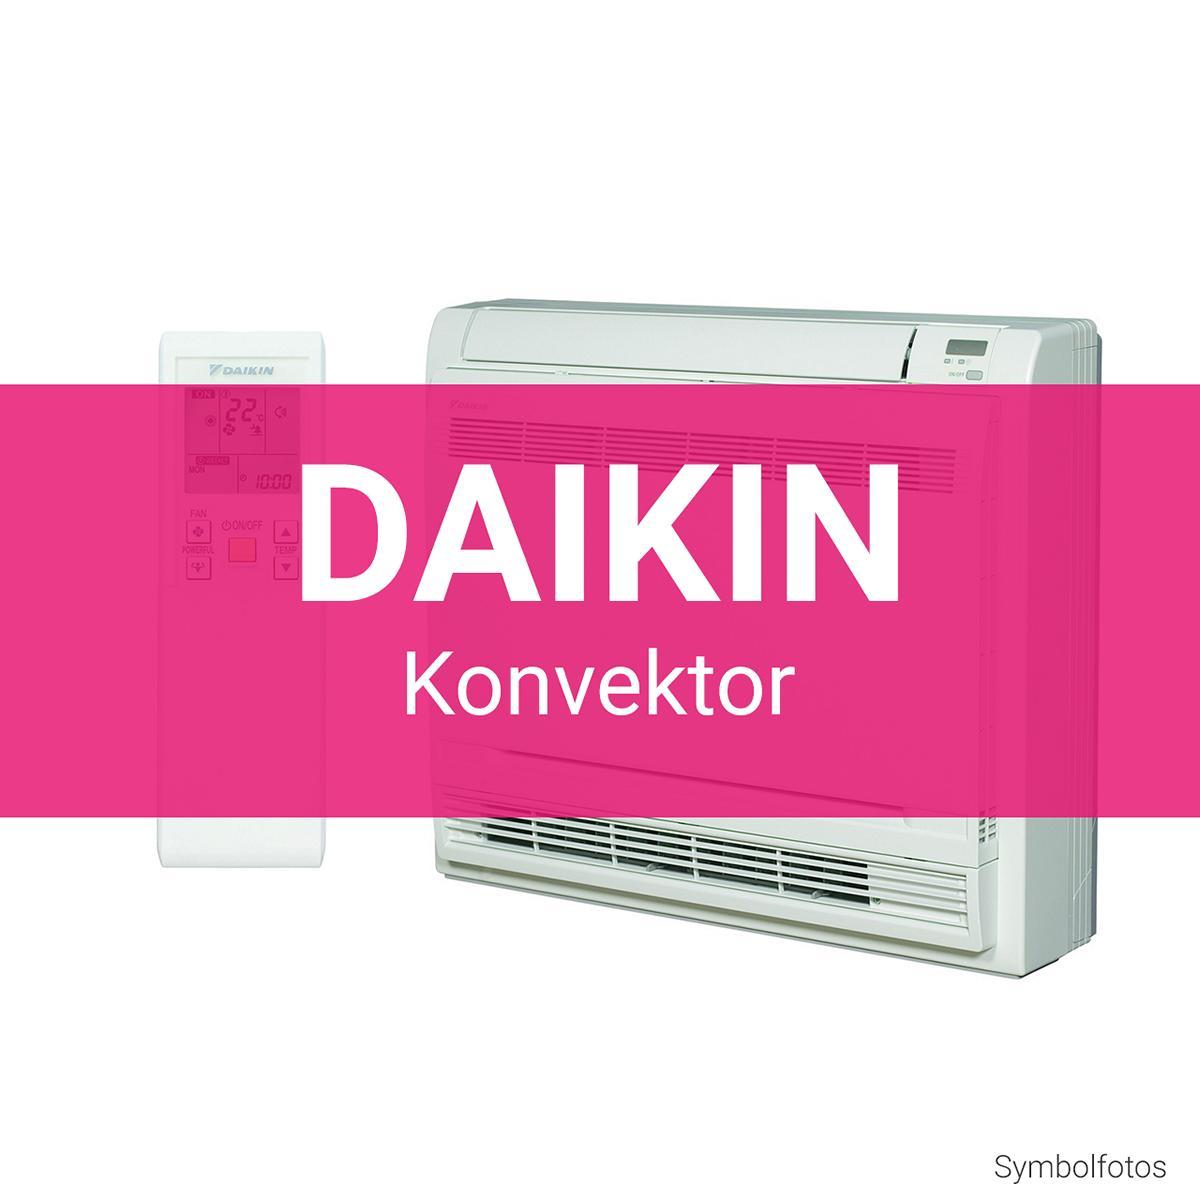 Daikin Niedertemperatur oder Kühl Konvektor